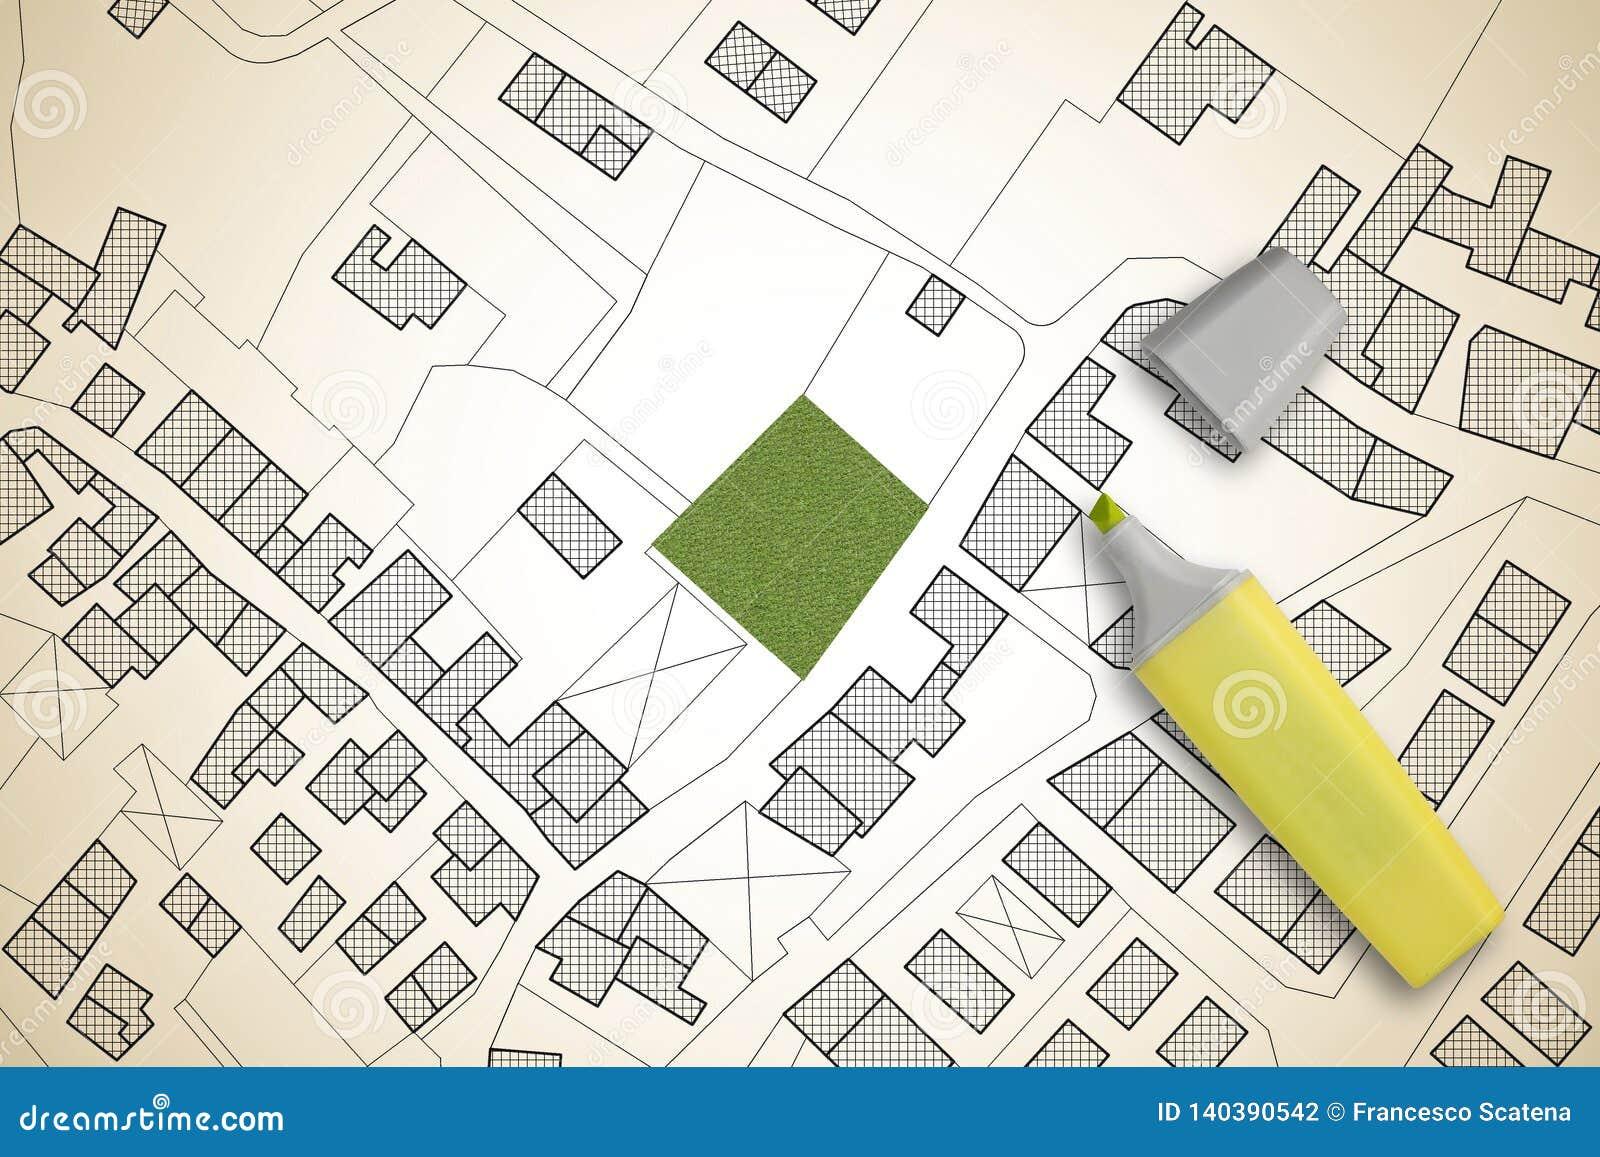 疆土虚构的地籍图有自由绿色土地的可利用为楼房建筑-概念图象